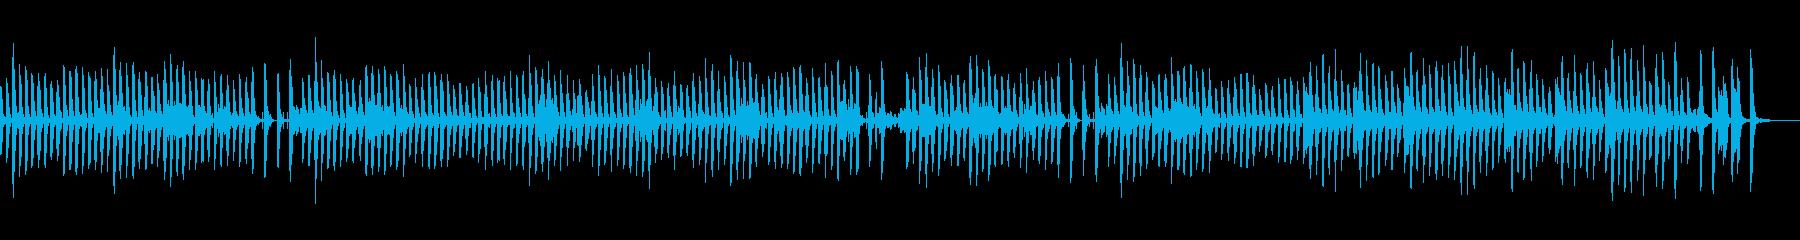 ほのぼのまったり可愛い日常曲の再生済みの波形